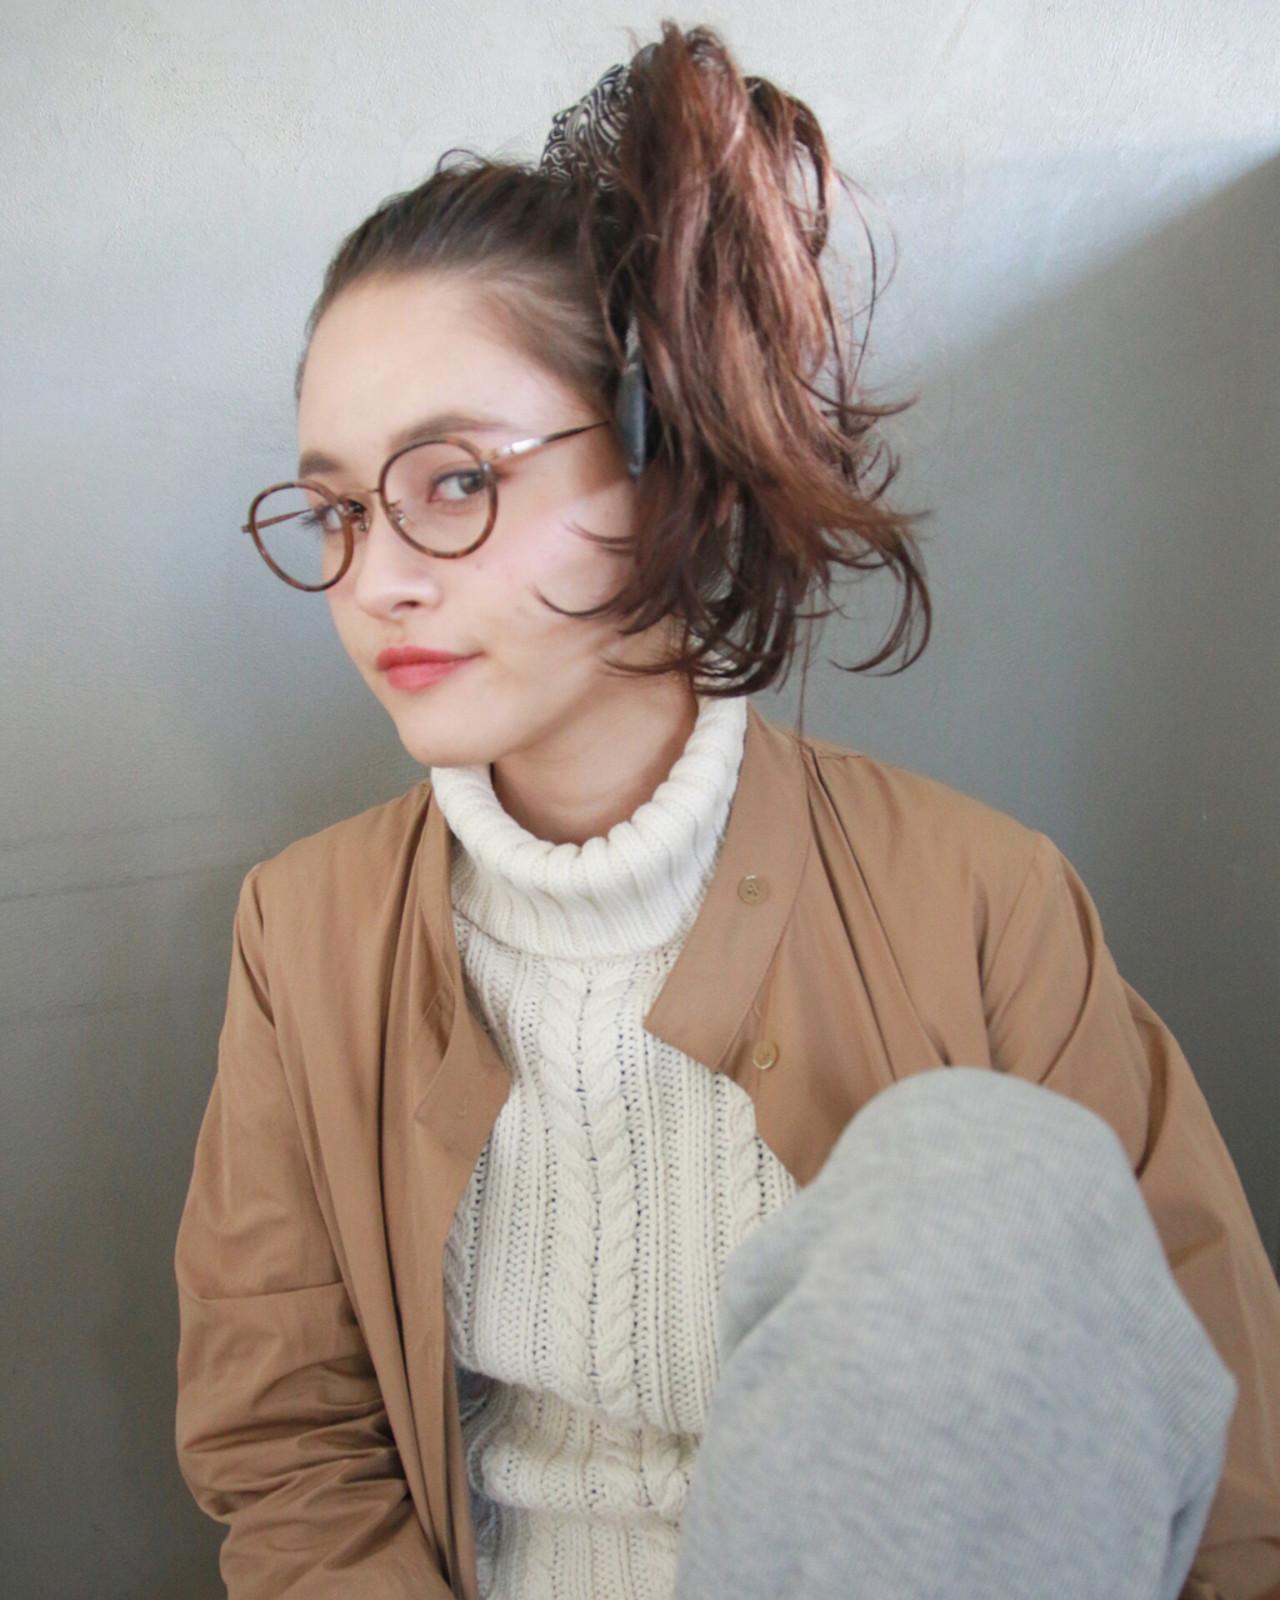 ショート 外国人風 ロング ヘアアレンジ ヘアスタイルや髪型の写真・画像 | 津崎 伸二 / nanuk / nanuk渋谷店(ナヌーク)